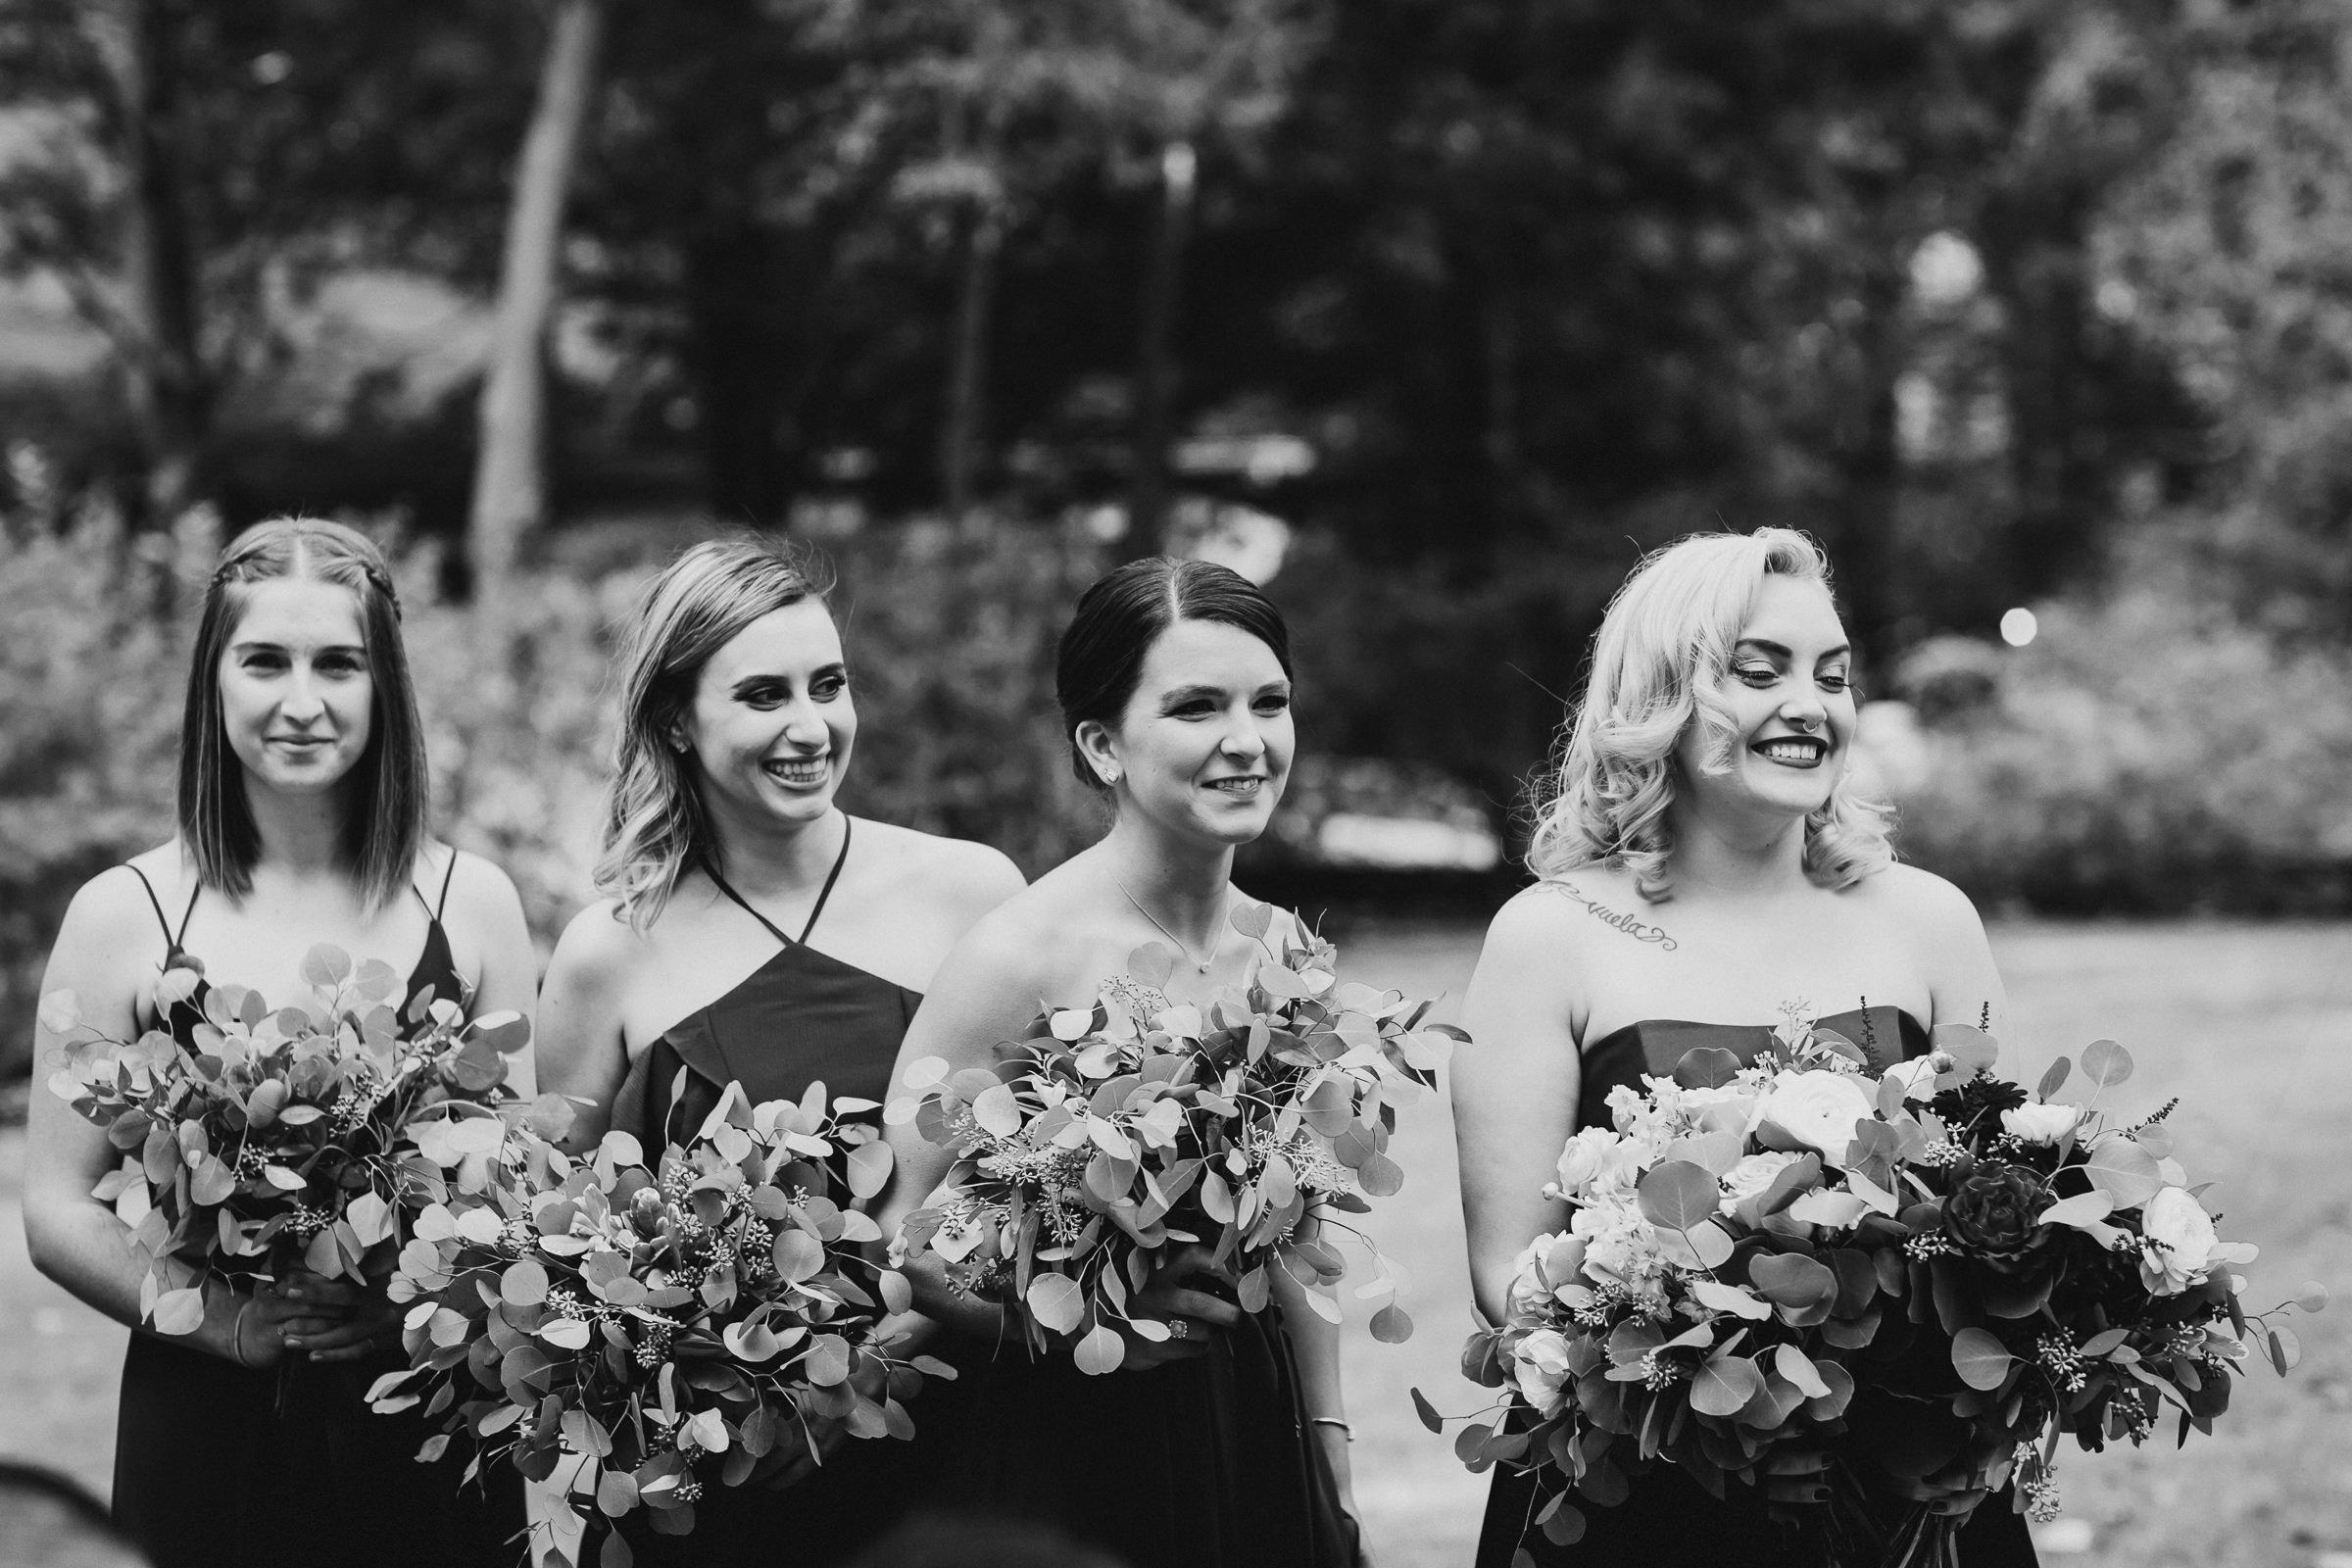 Arrow-Park-Monroe-NY-Documentary-Wedding-Photographer-53.jpg